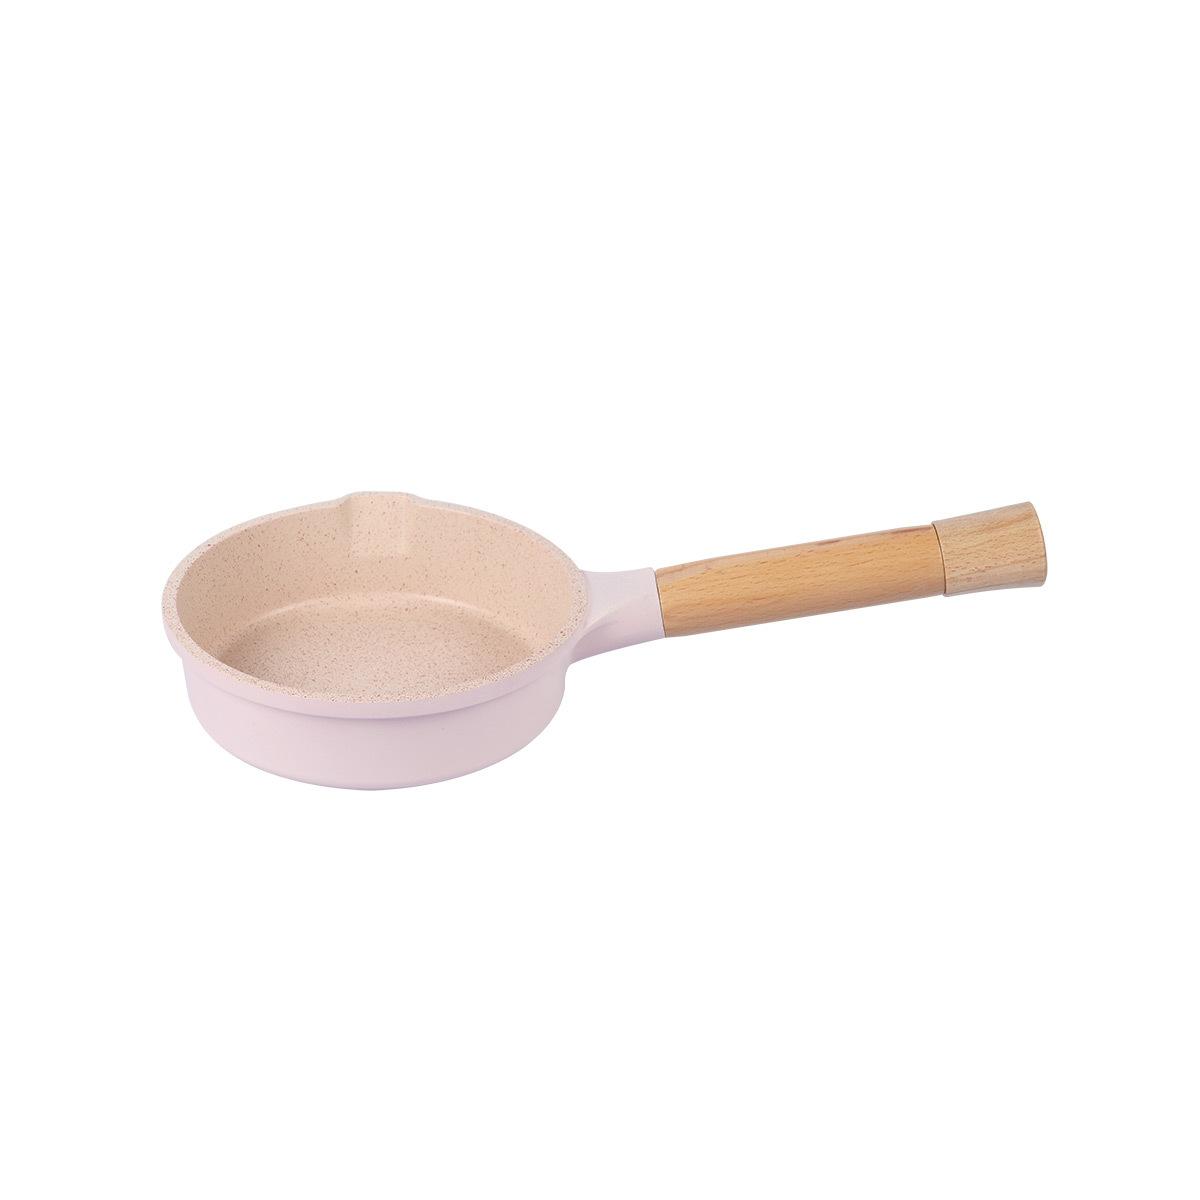 Pastel Non-Stick Frying Pan alat masak